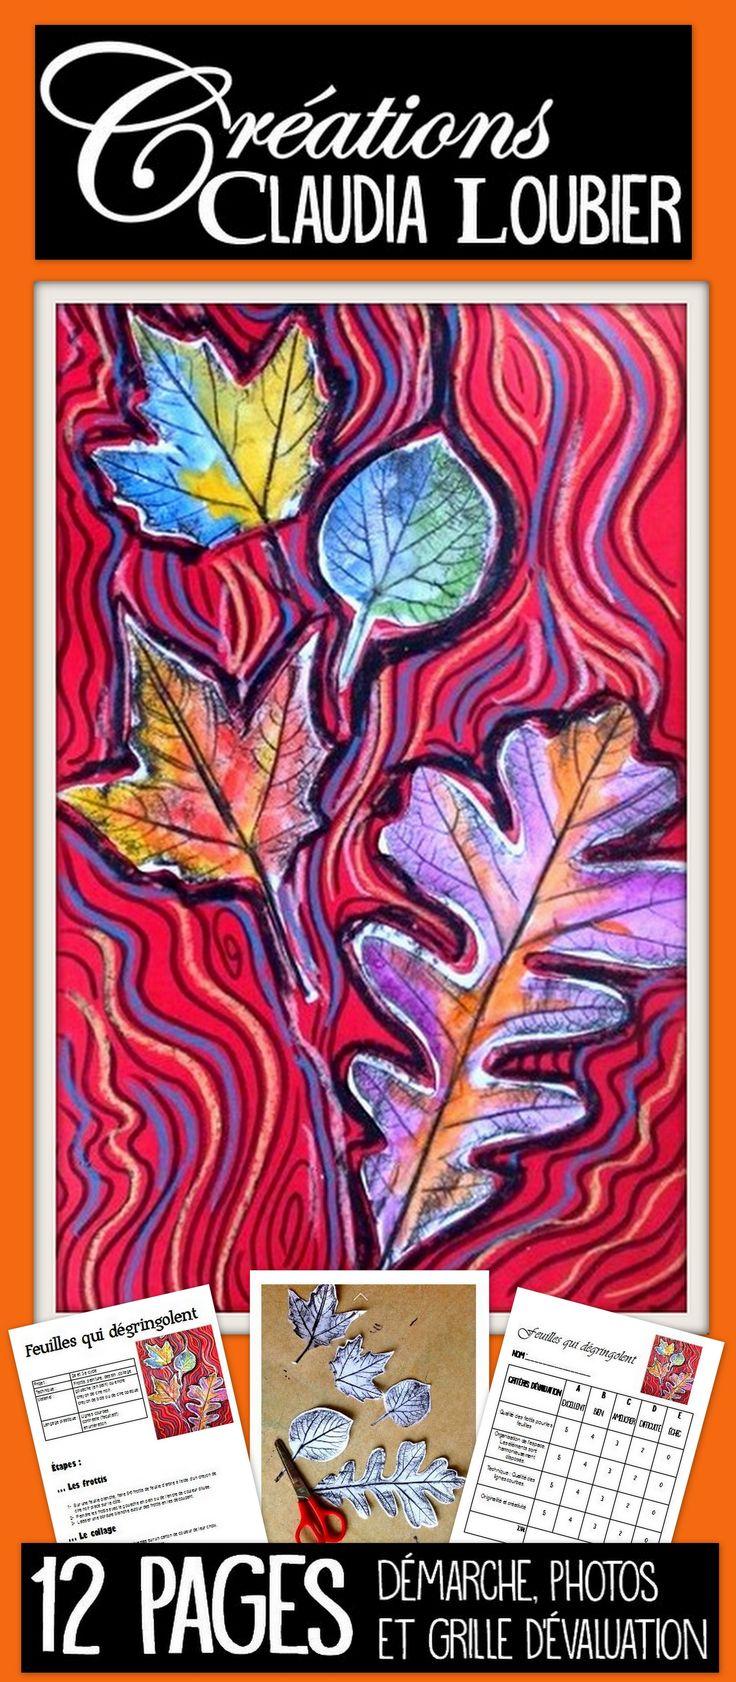 Activité d'art pour le 3e cycle du primaire. Peut se faire en 1er et 2e secondaire. Ma façon de travailler les feuilles d'automne. Vous aurez besoin d'encre ou de gouache, ainsi que des crayon de bois de couleur ou des crayons de cire à papier construction. Grille d'évaluation incluse.